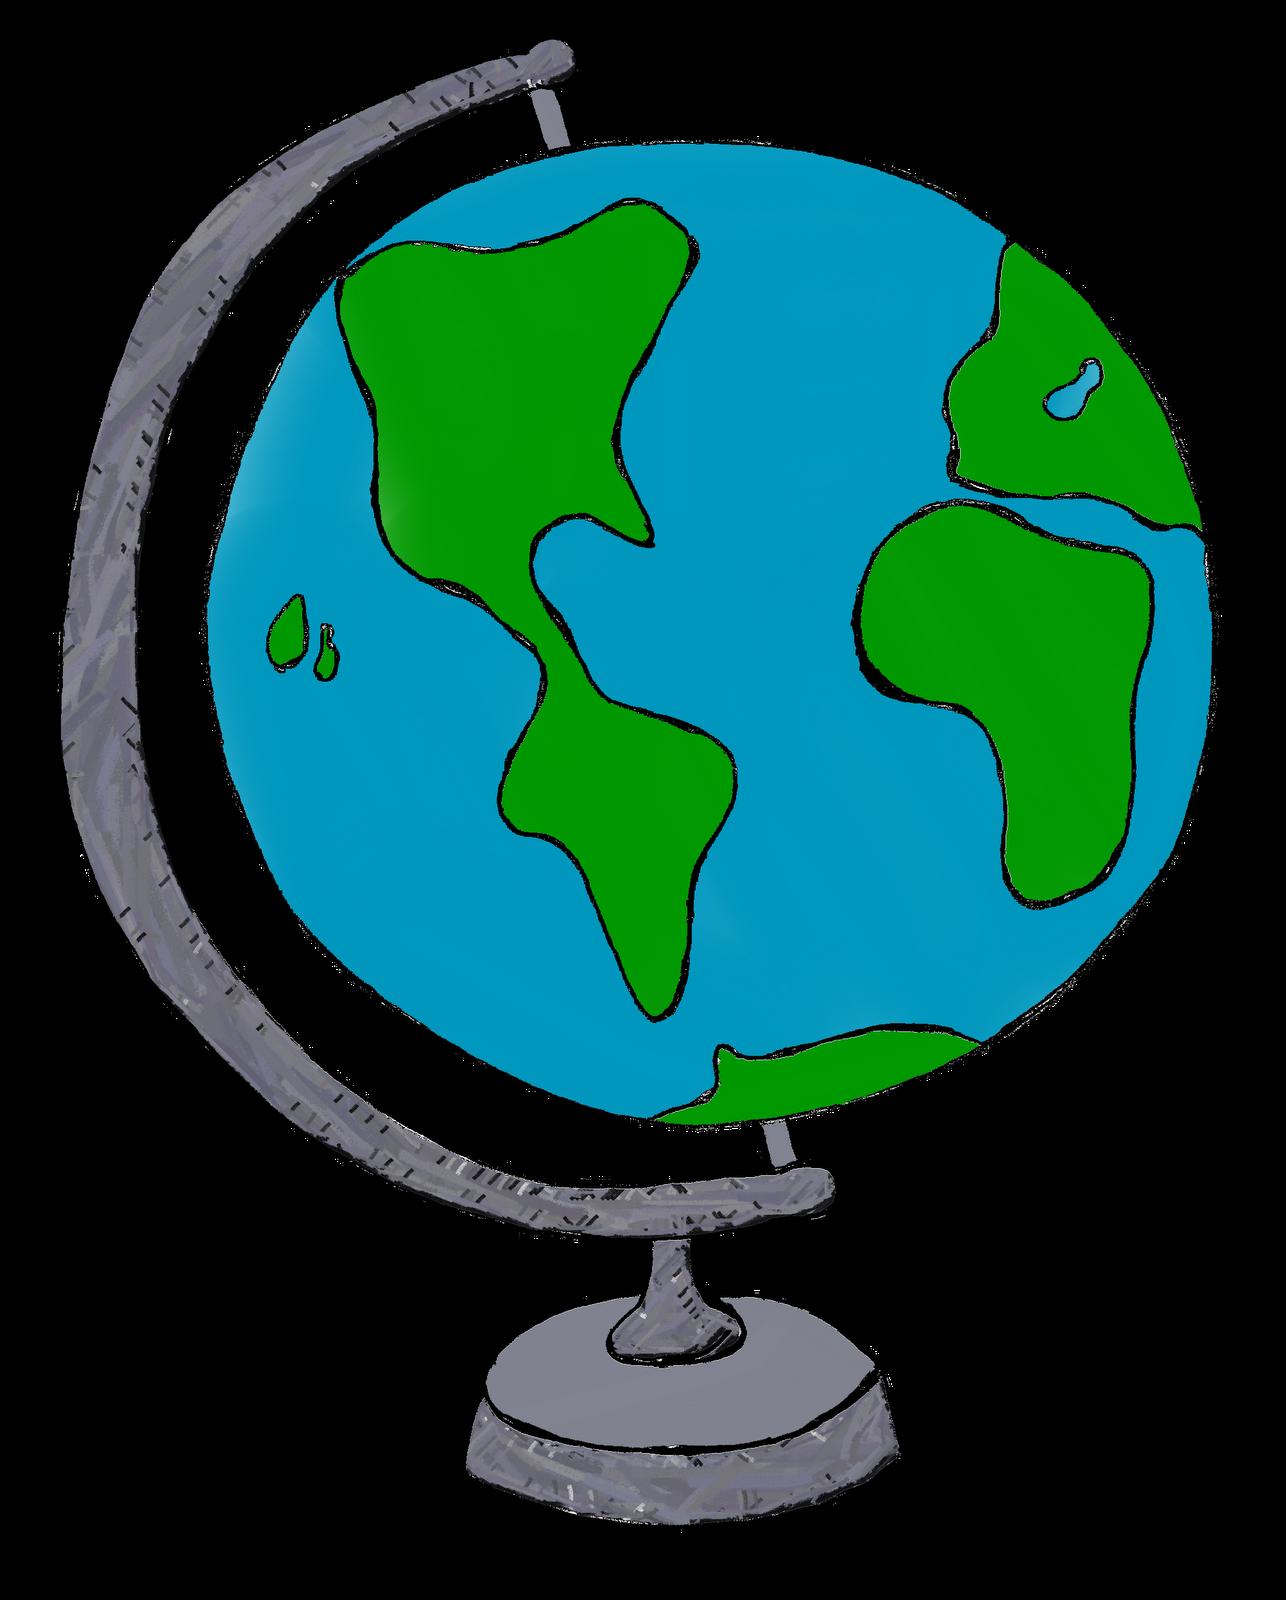 Geography clipart globe And Panda earth Black Globe